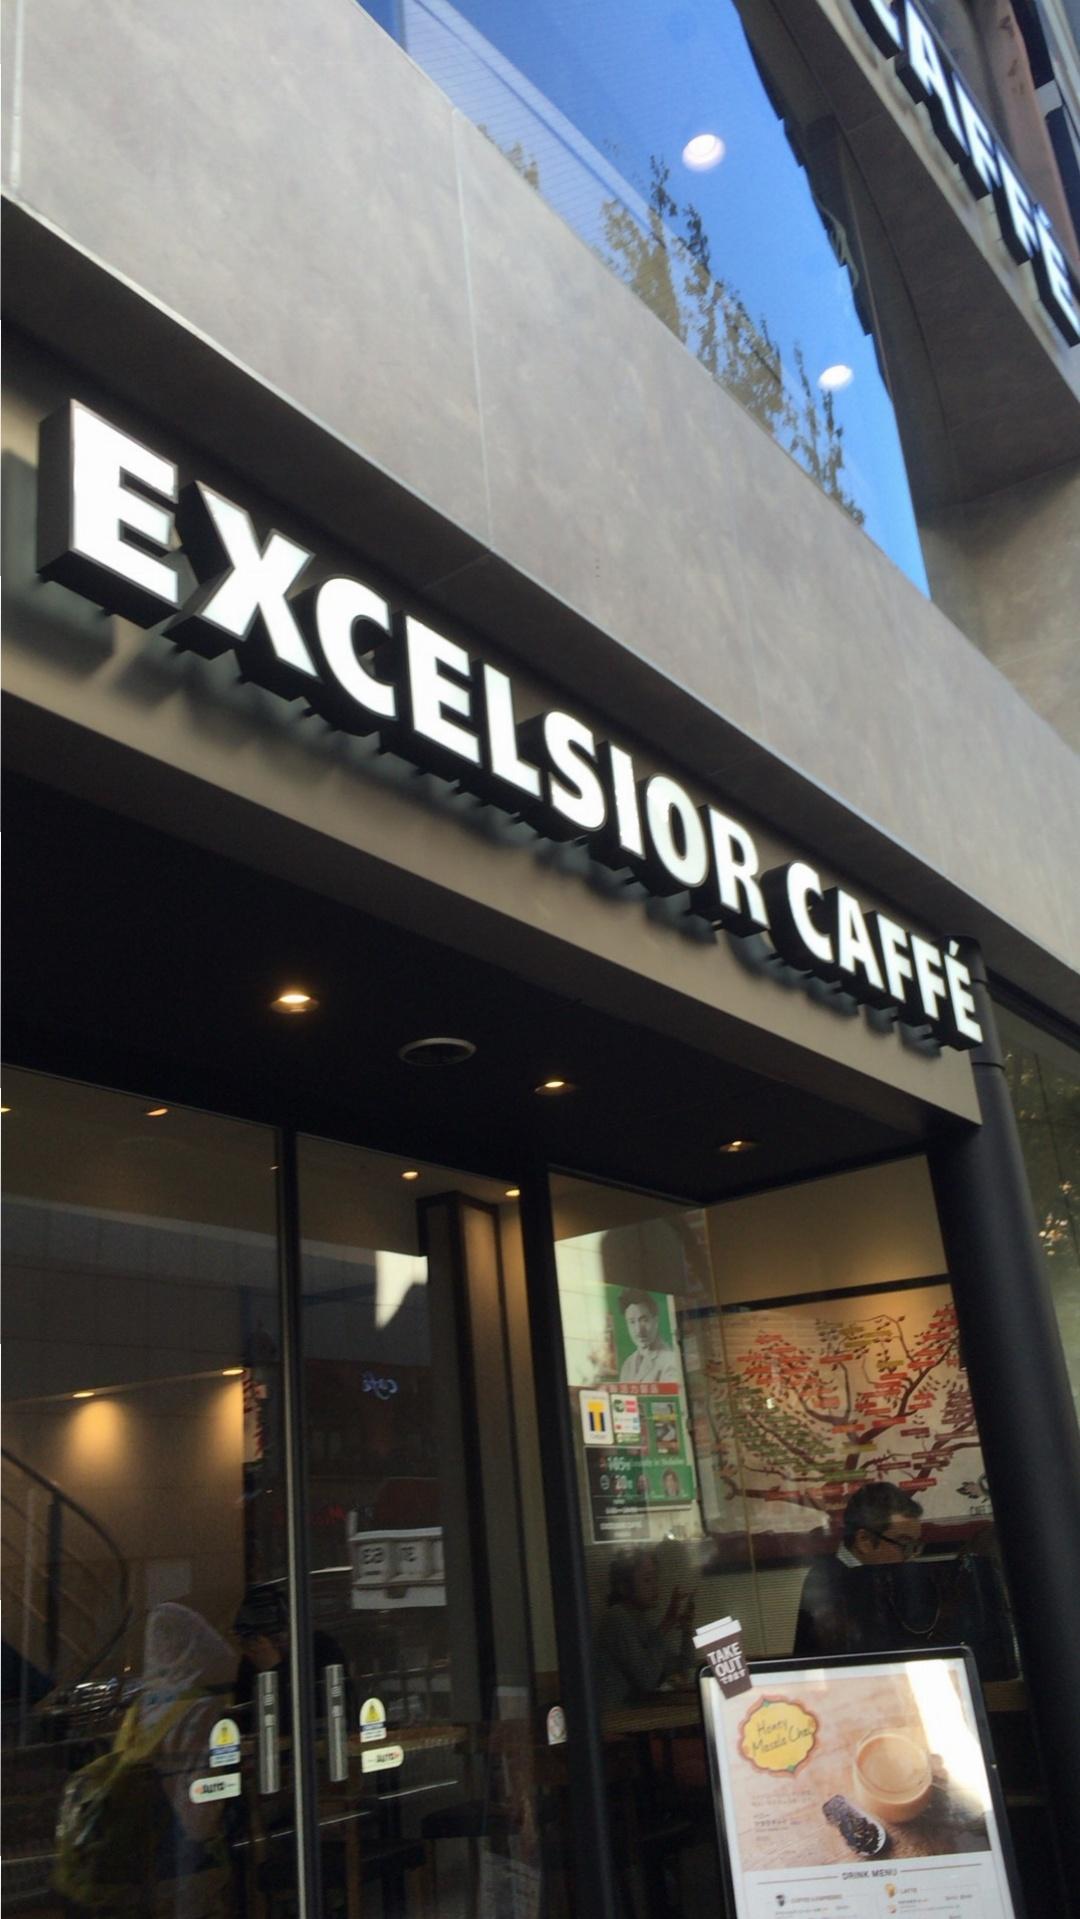 渋谷で電源カフェを探すなら?リニューアルした◯◯カフェが居心地最高♪♪ _1